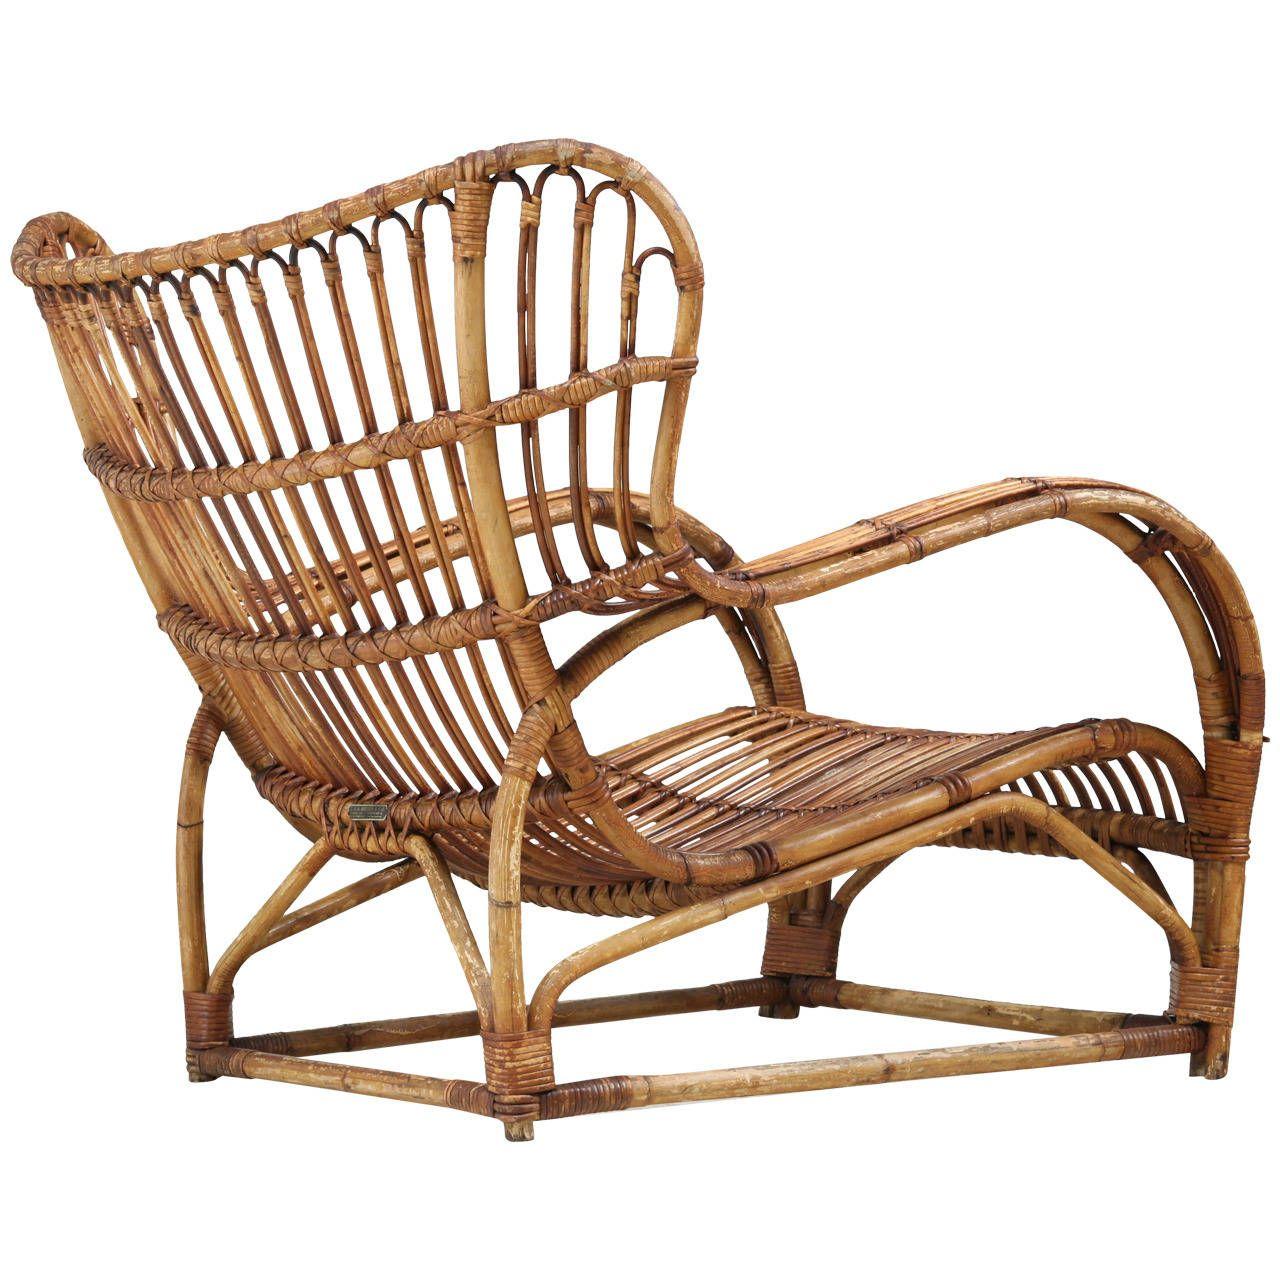 viggo boesen bamboo lounge chair for e v a nissen denmark 1930s rh pinterest com